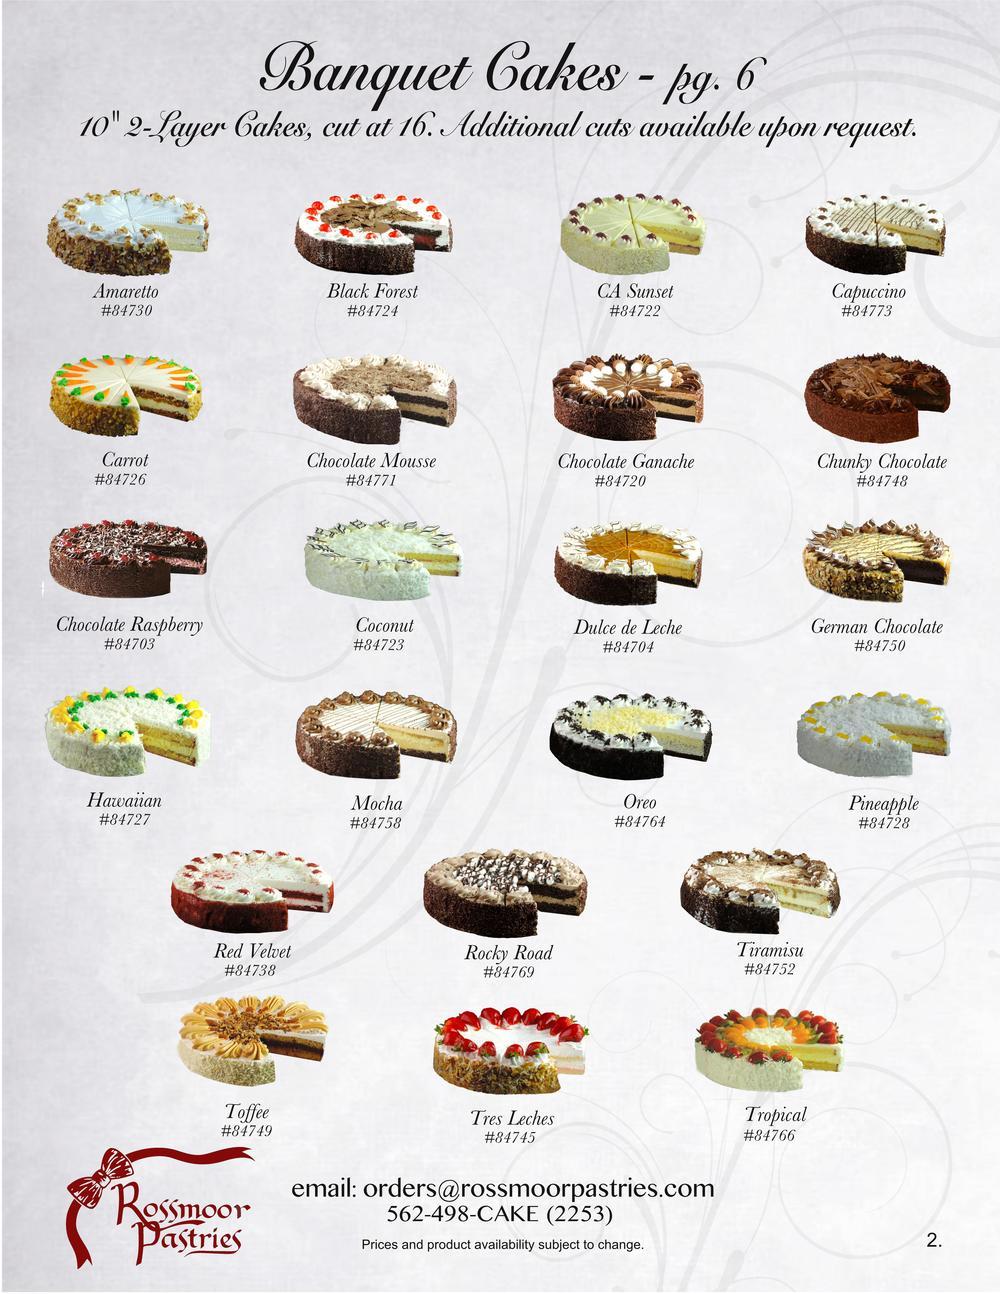 2 BanquetCakes-page001.jpg